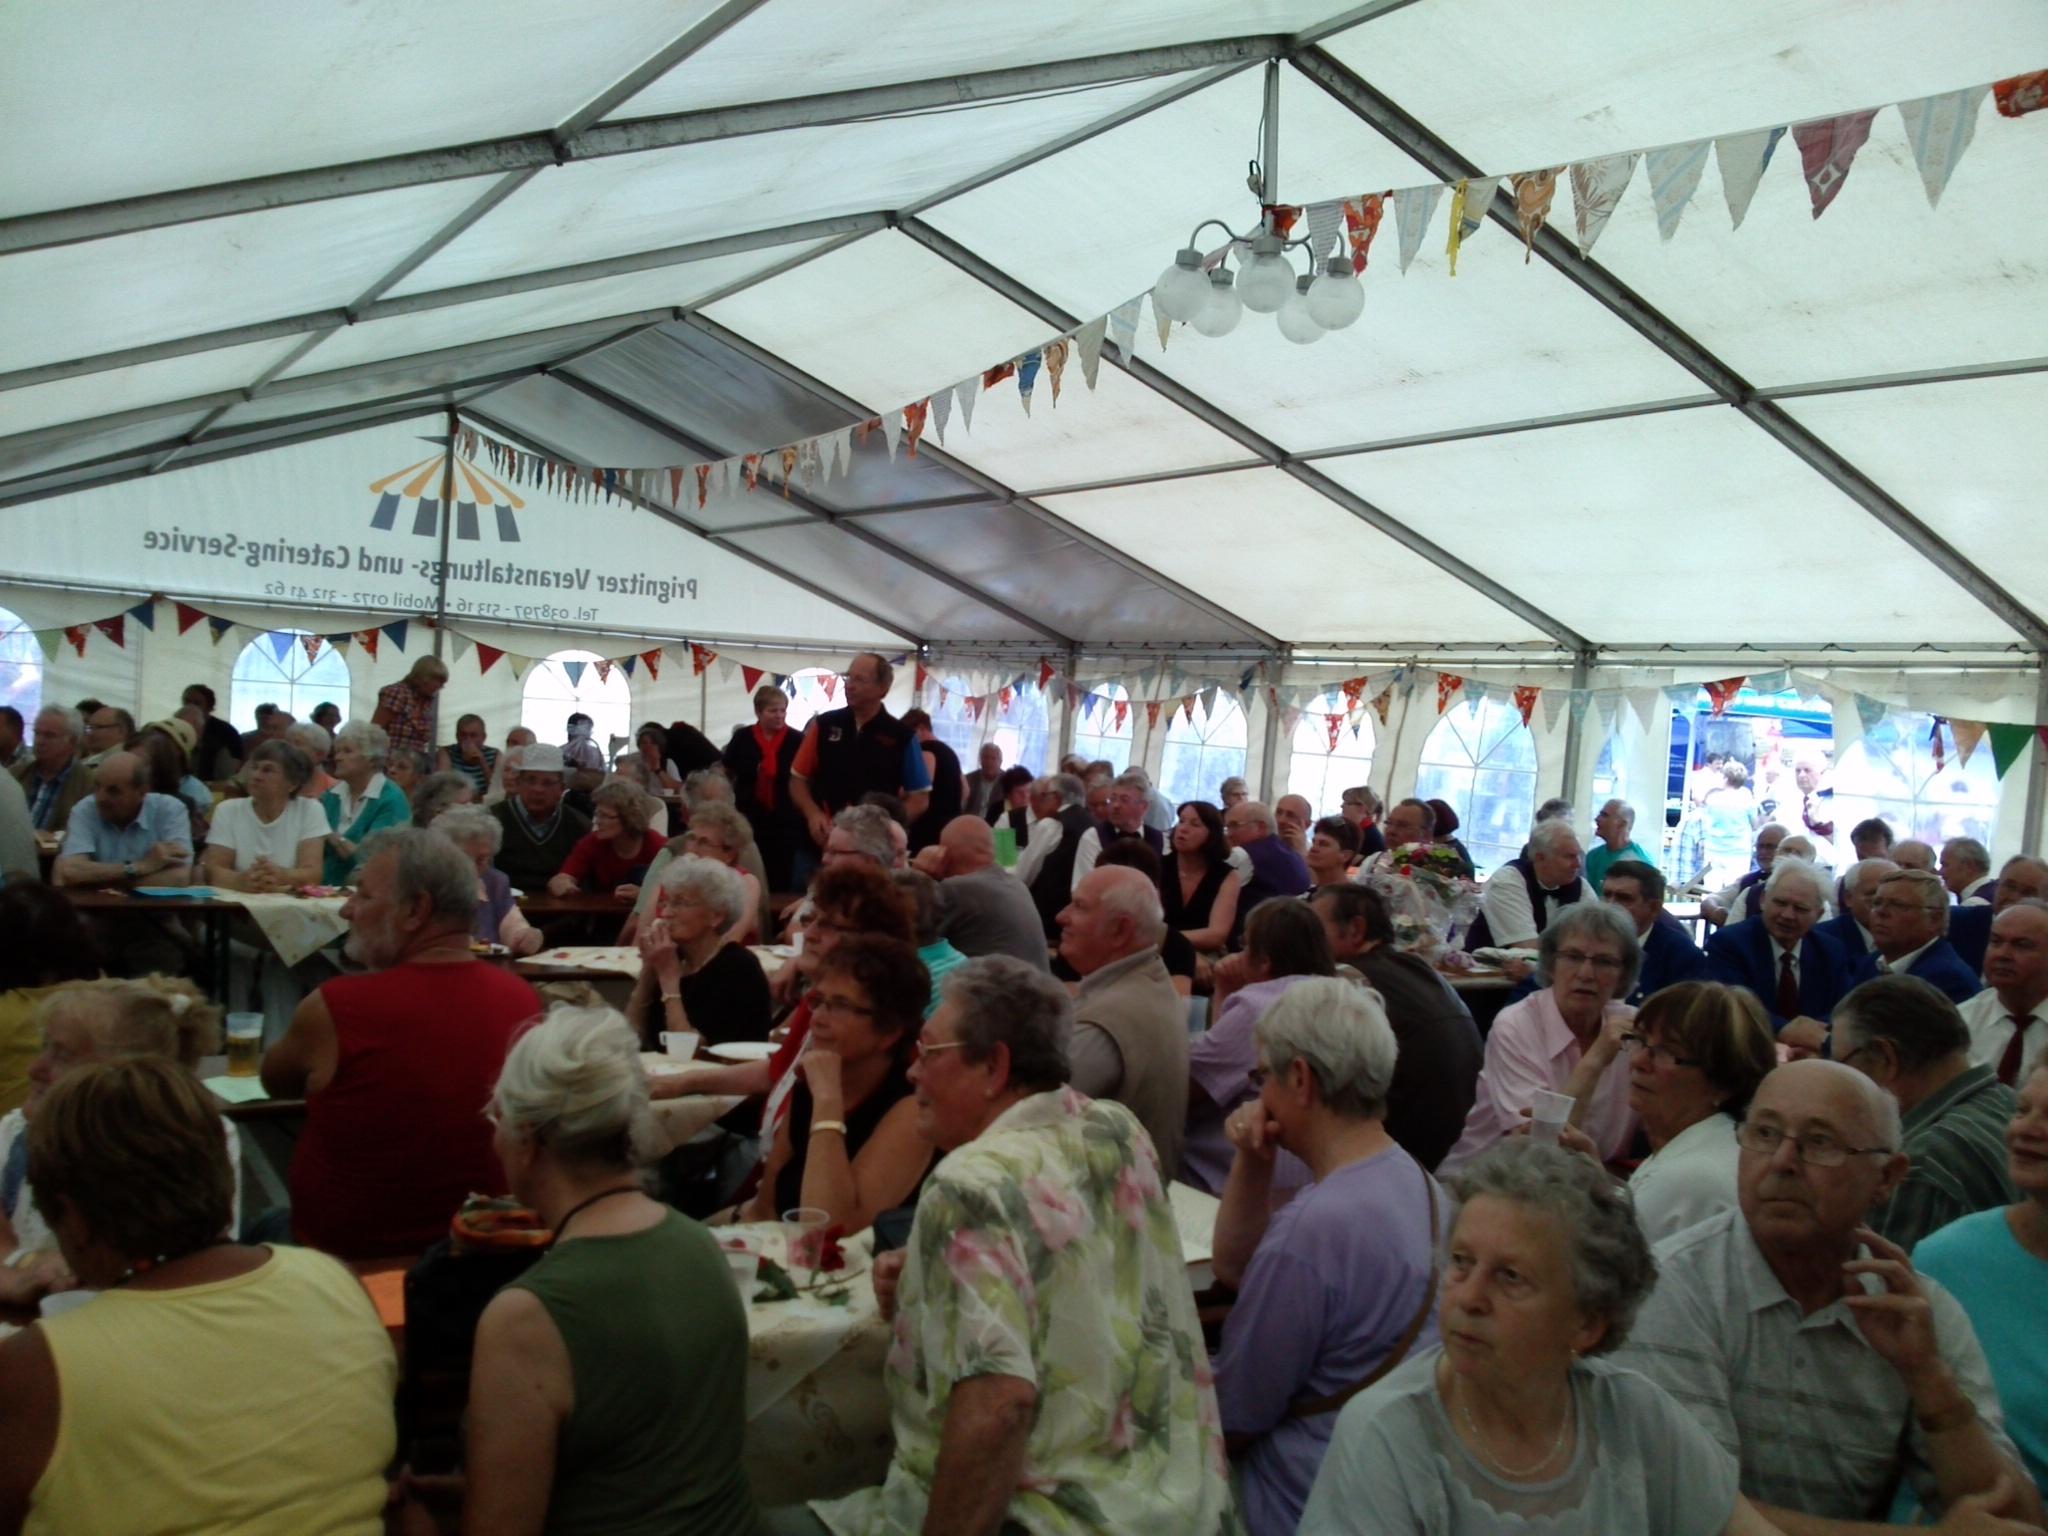 Gefuelltes-Festzelt-beim-Chortreffen-und-Dorffest-Heiligengrabe-2013